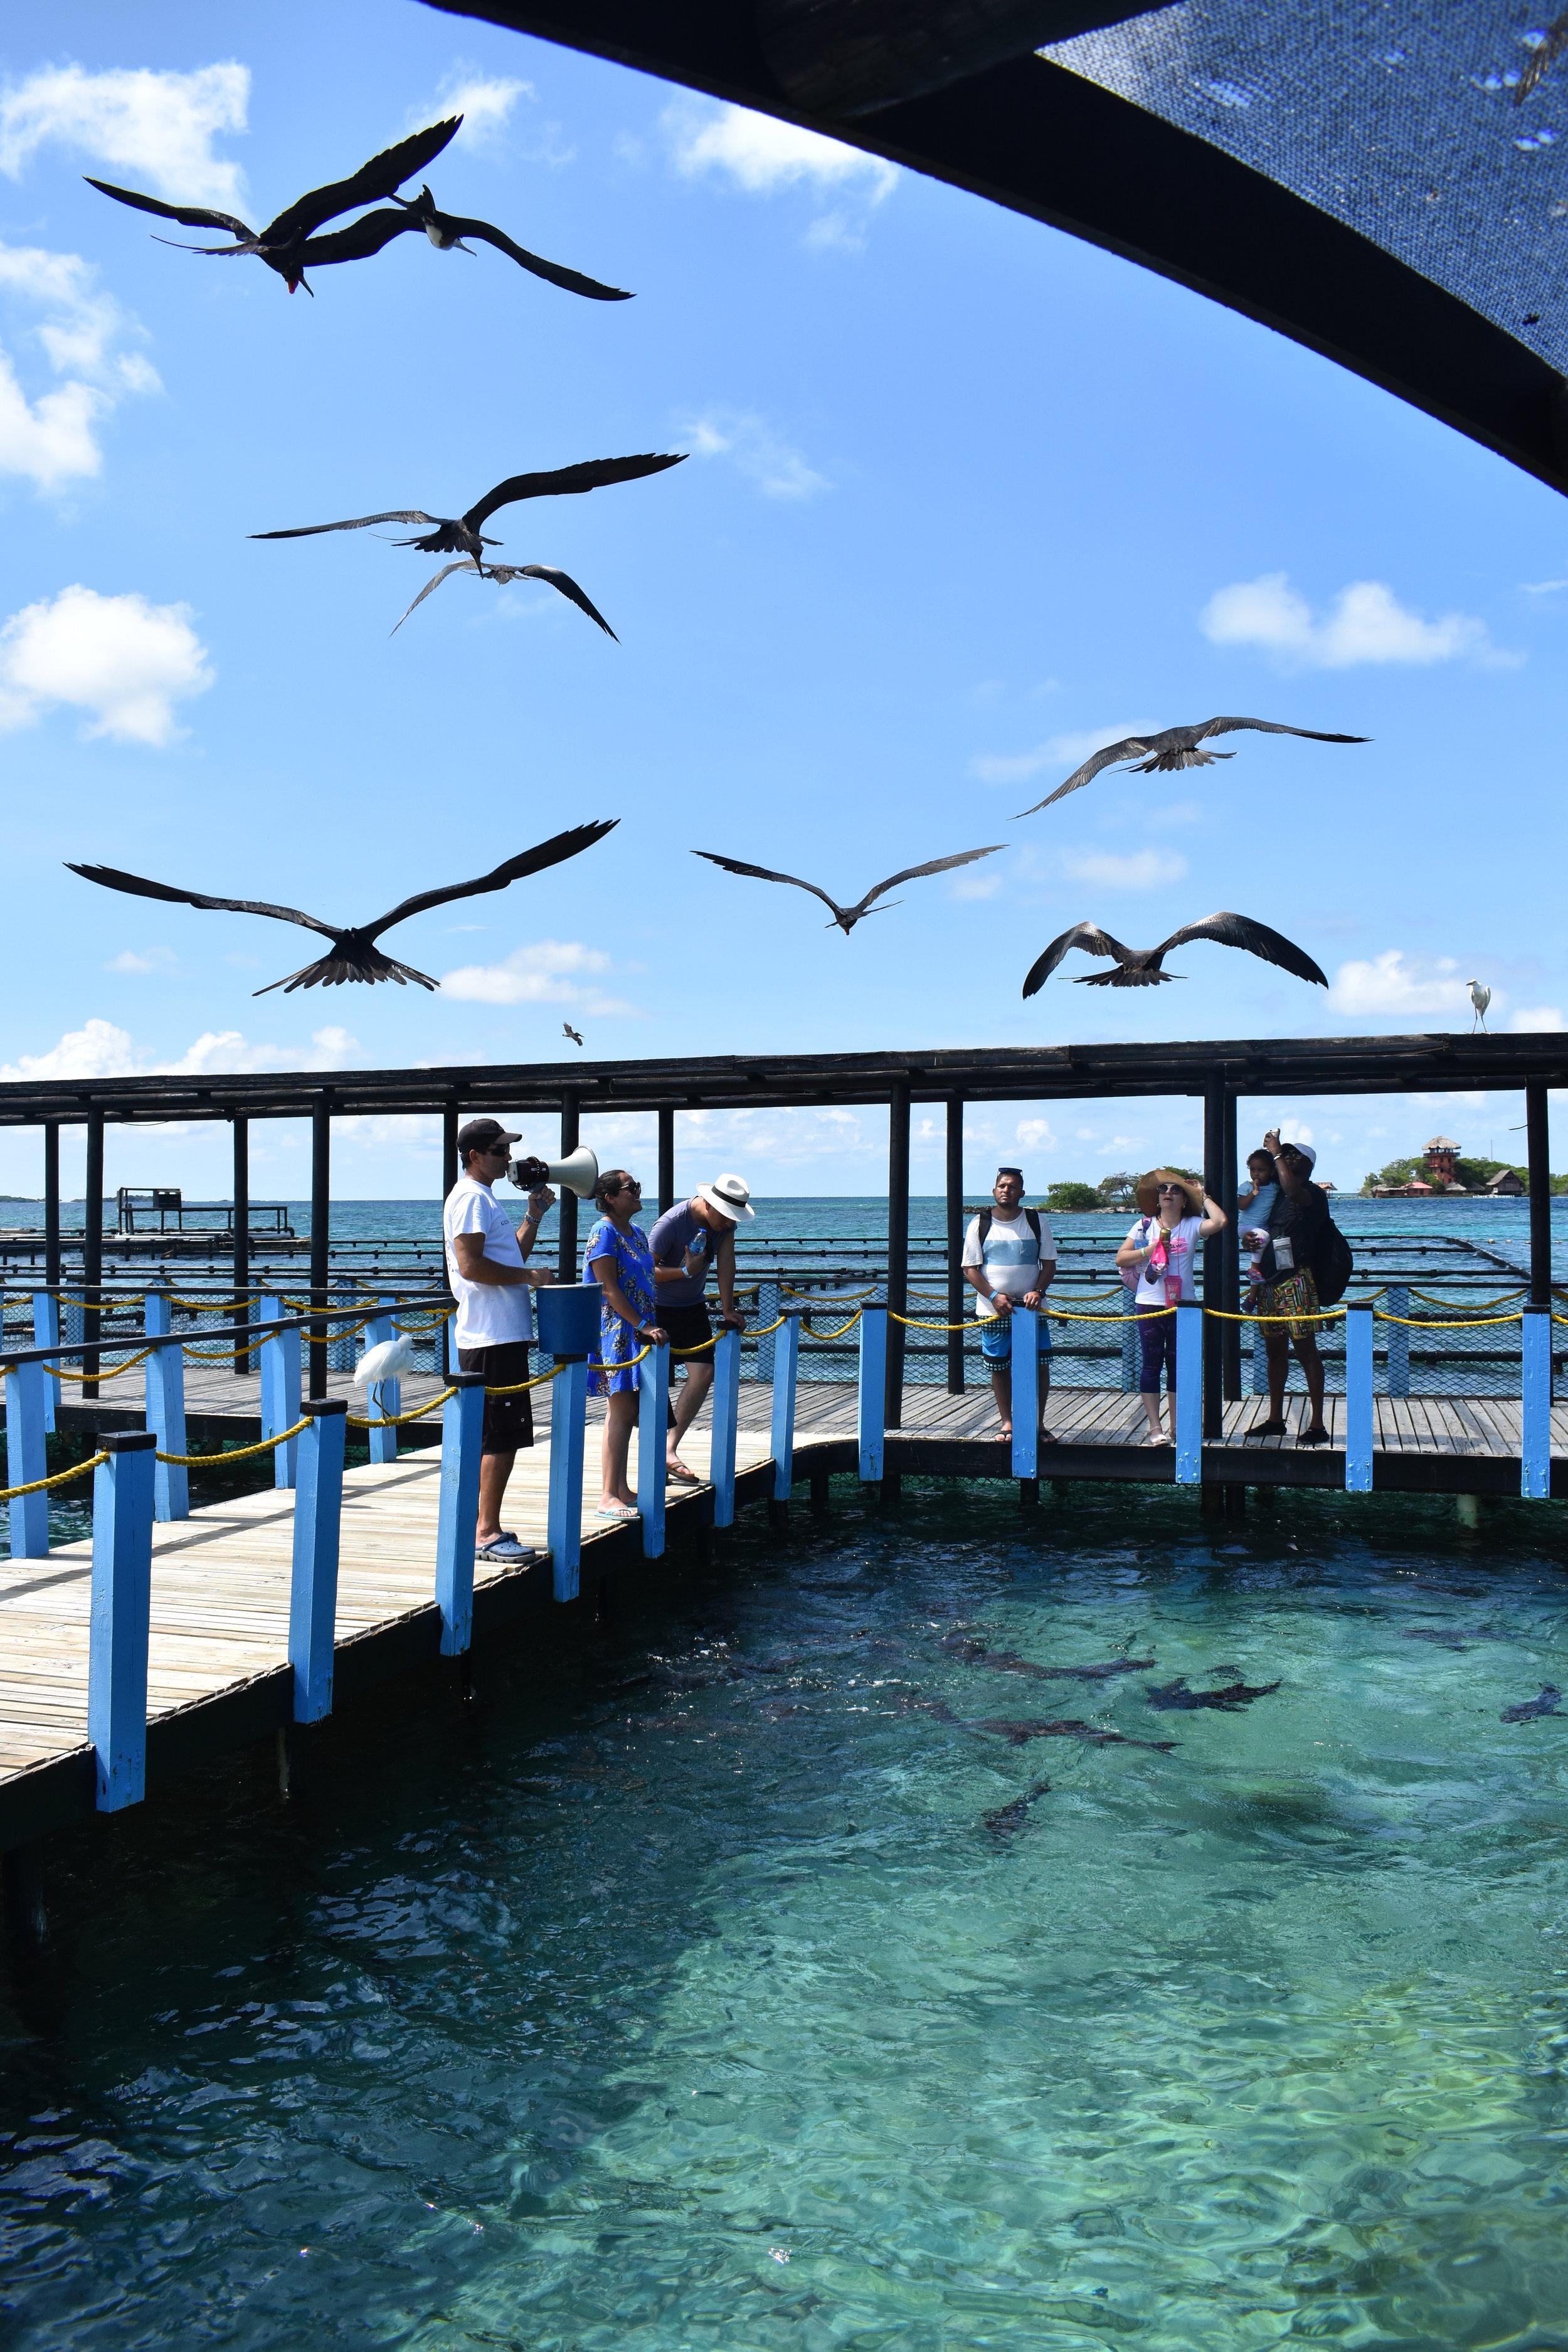 Essa foto retrata exatamente o que falei: peixes x aves .